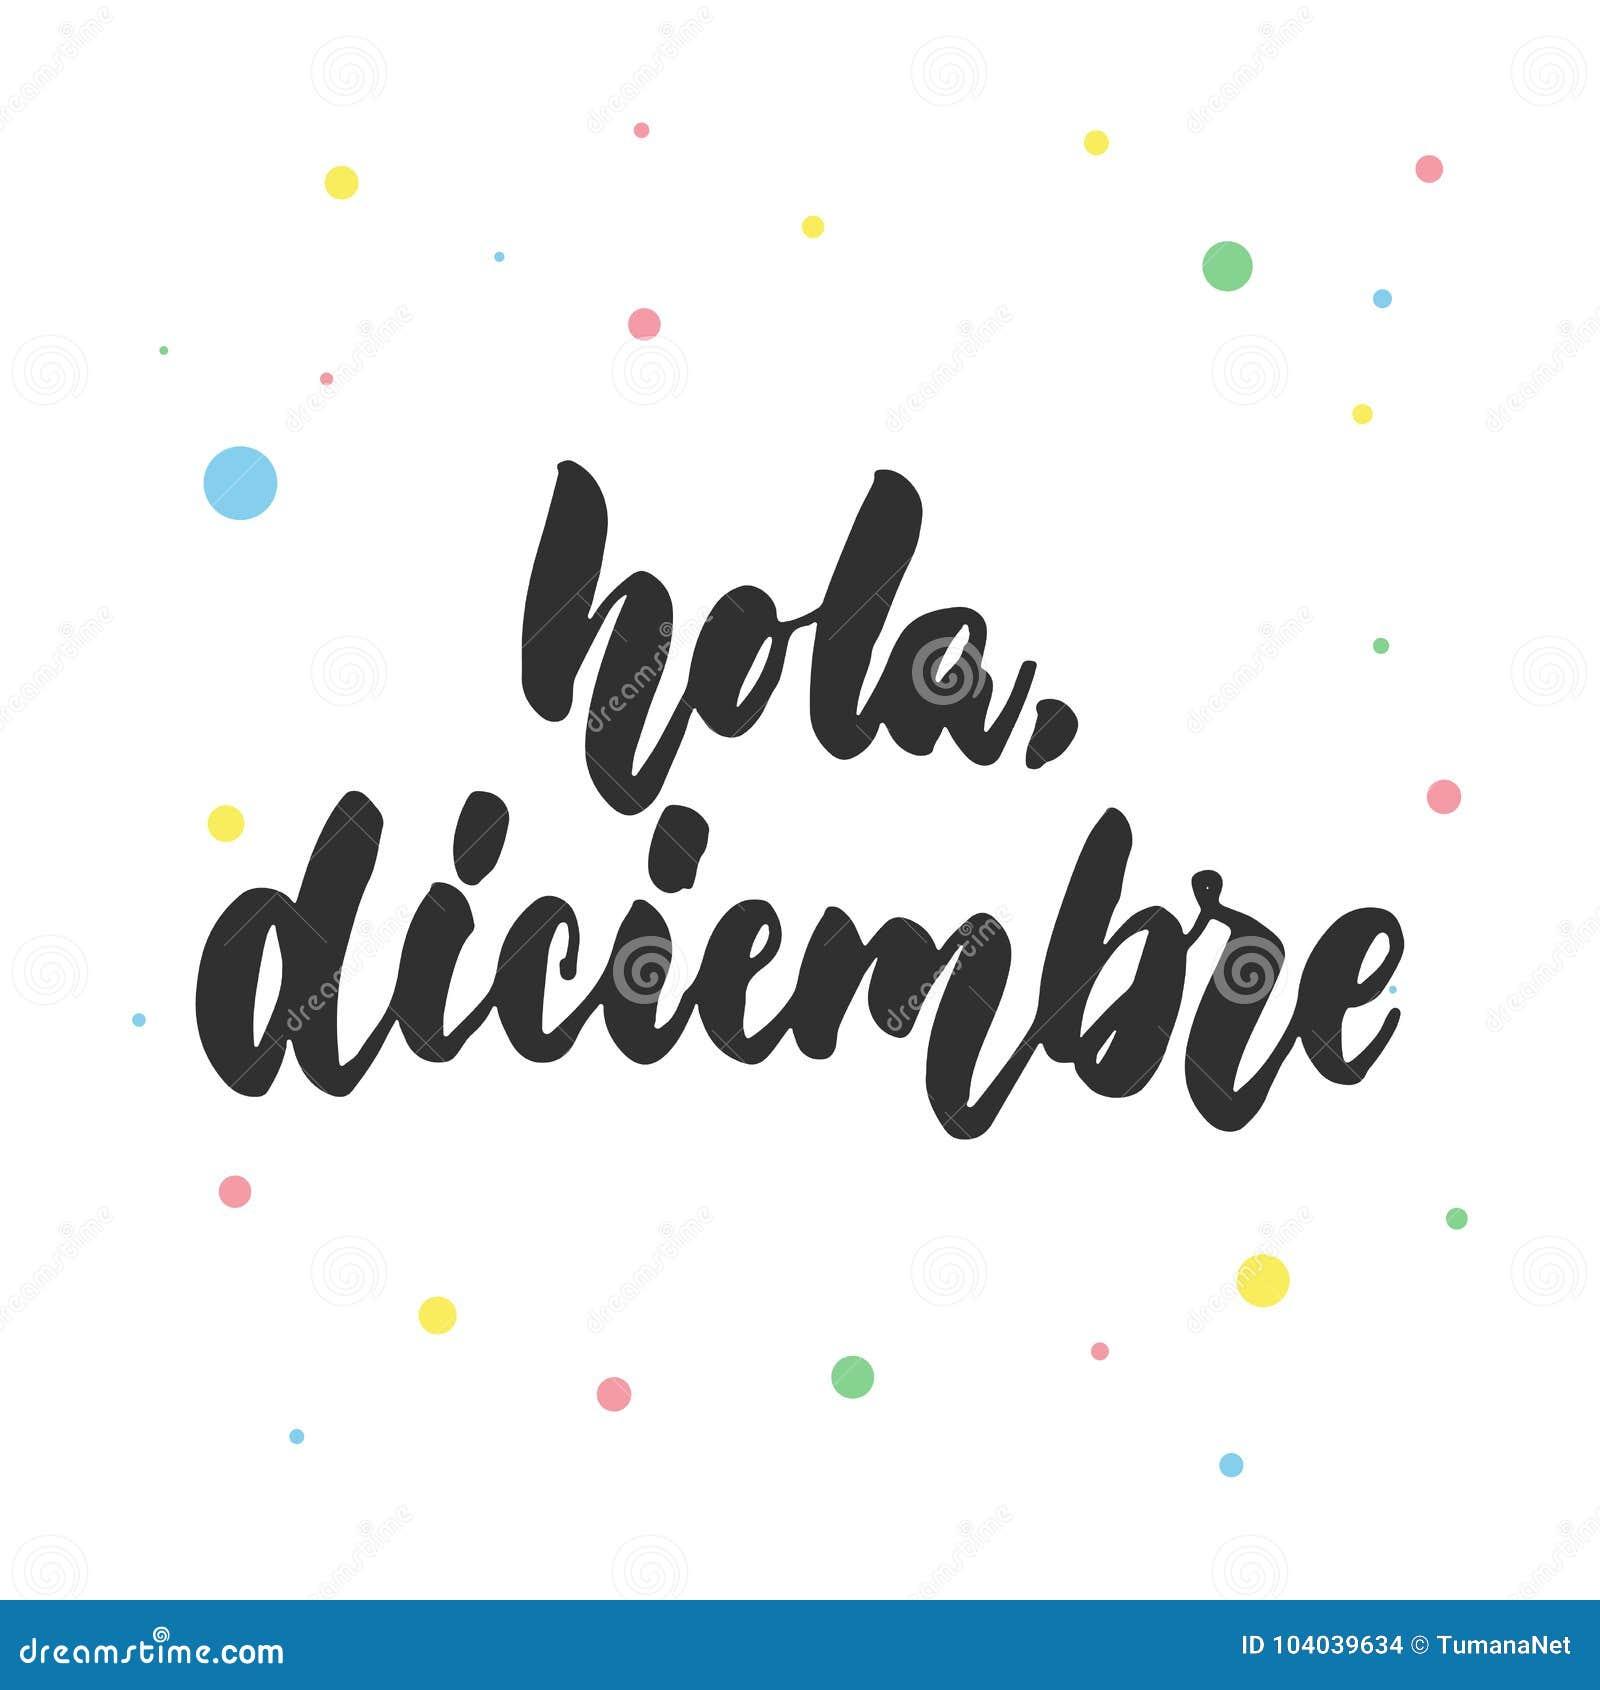 Hola, diciembre - здравствуйте!, декабрь в испанском языке, руке нарисованная латинская цитата литерности при красочные изолирова